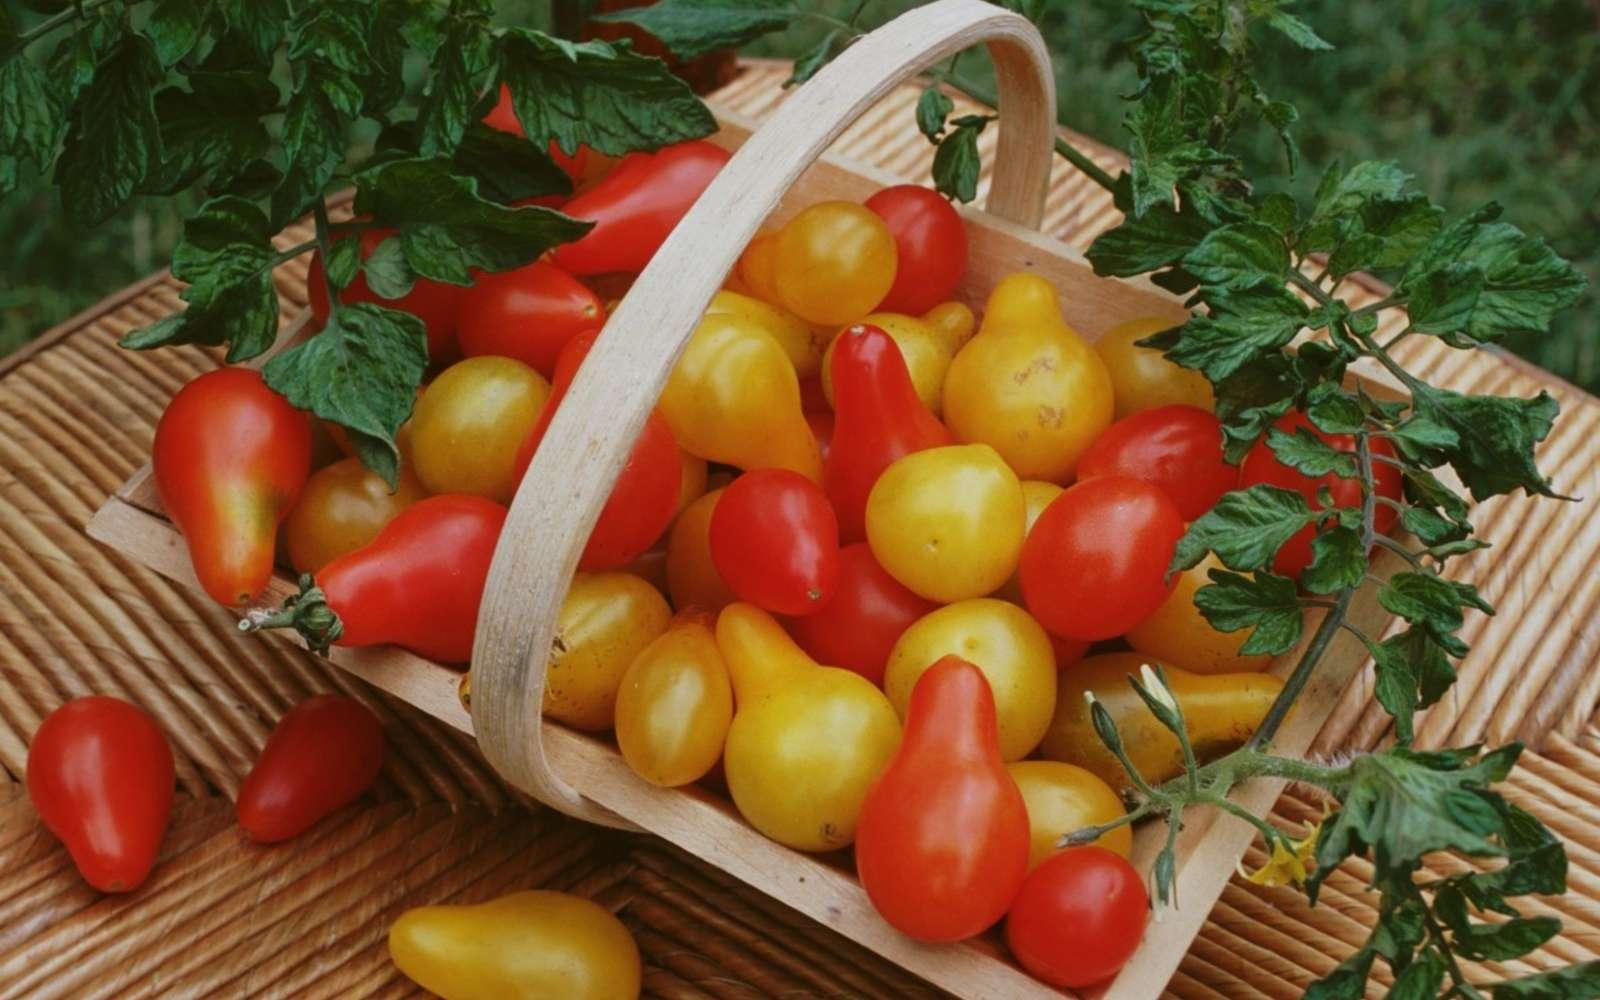 Les récoltes de tomates au potager débutent en juillet et se prolongent jusqu'en octobre. © E.Brencklé, Rustica